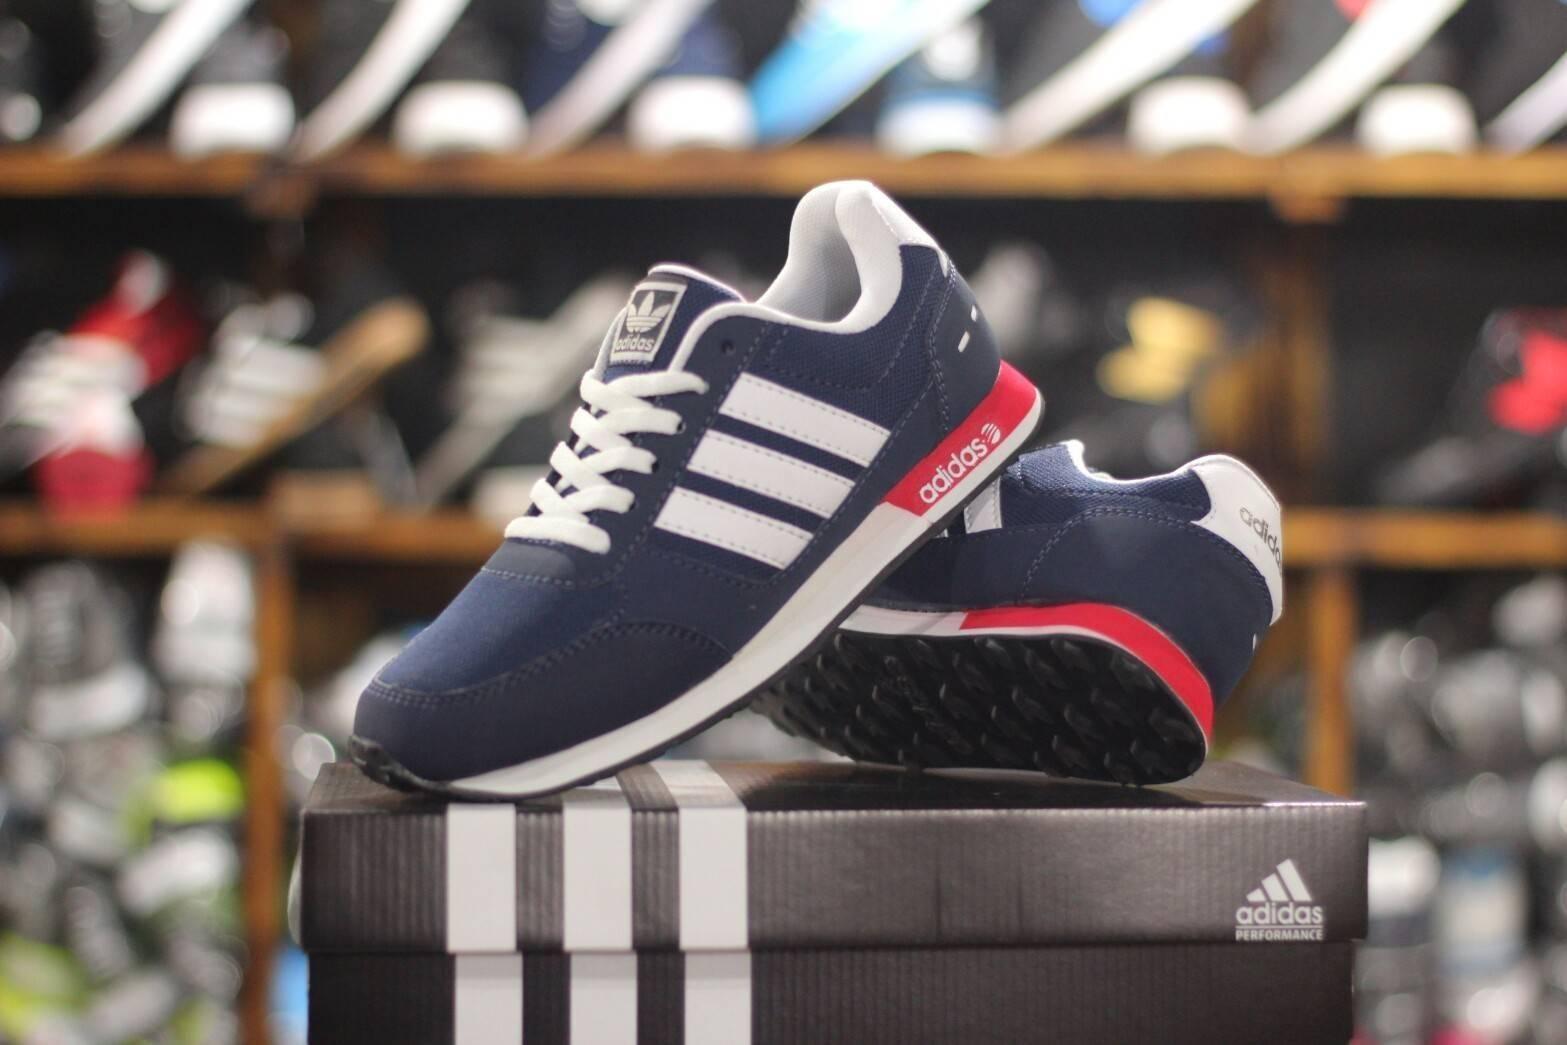 SEPATU JOGGING PRIA Adidas Neo Racer import  (Sepatu Olahraga, Sepatu Kerja, Sepatu Jalan, Sepatu S